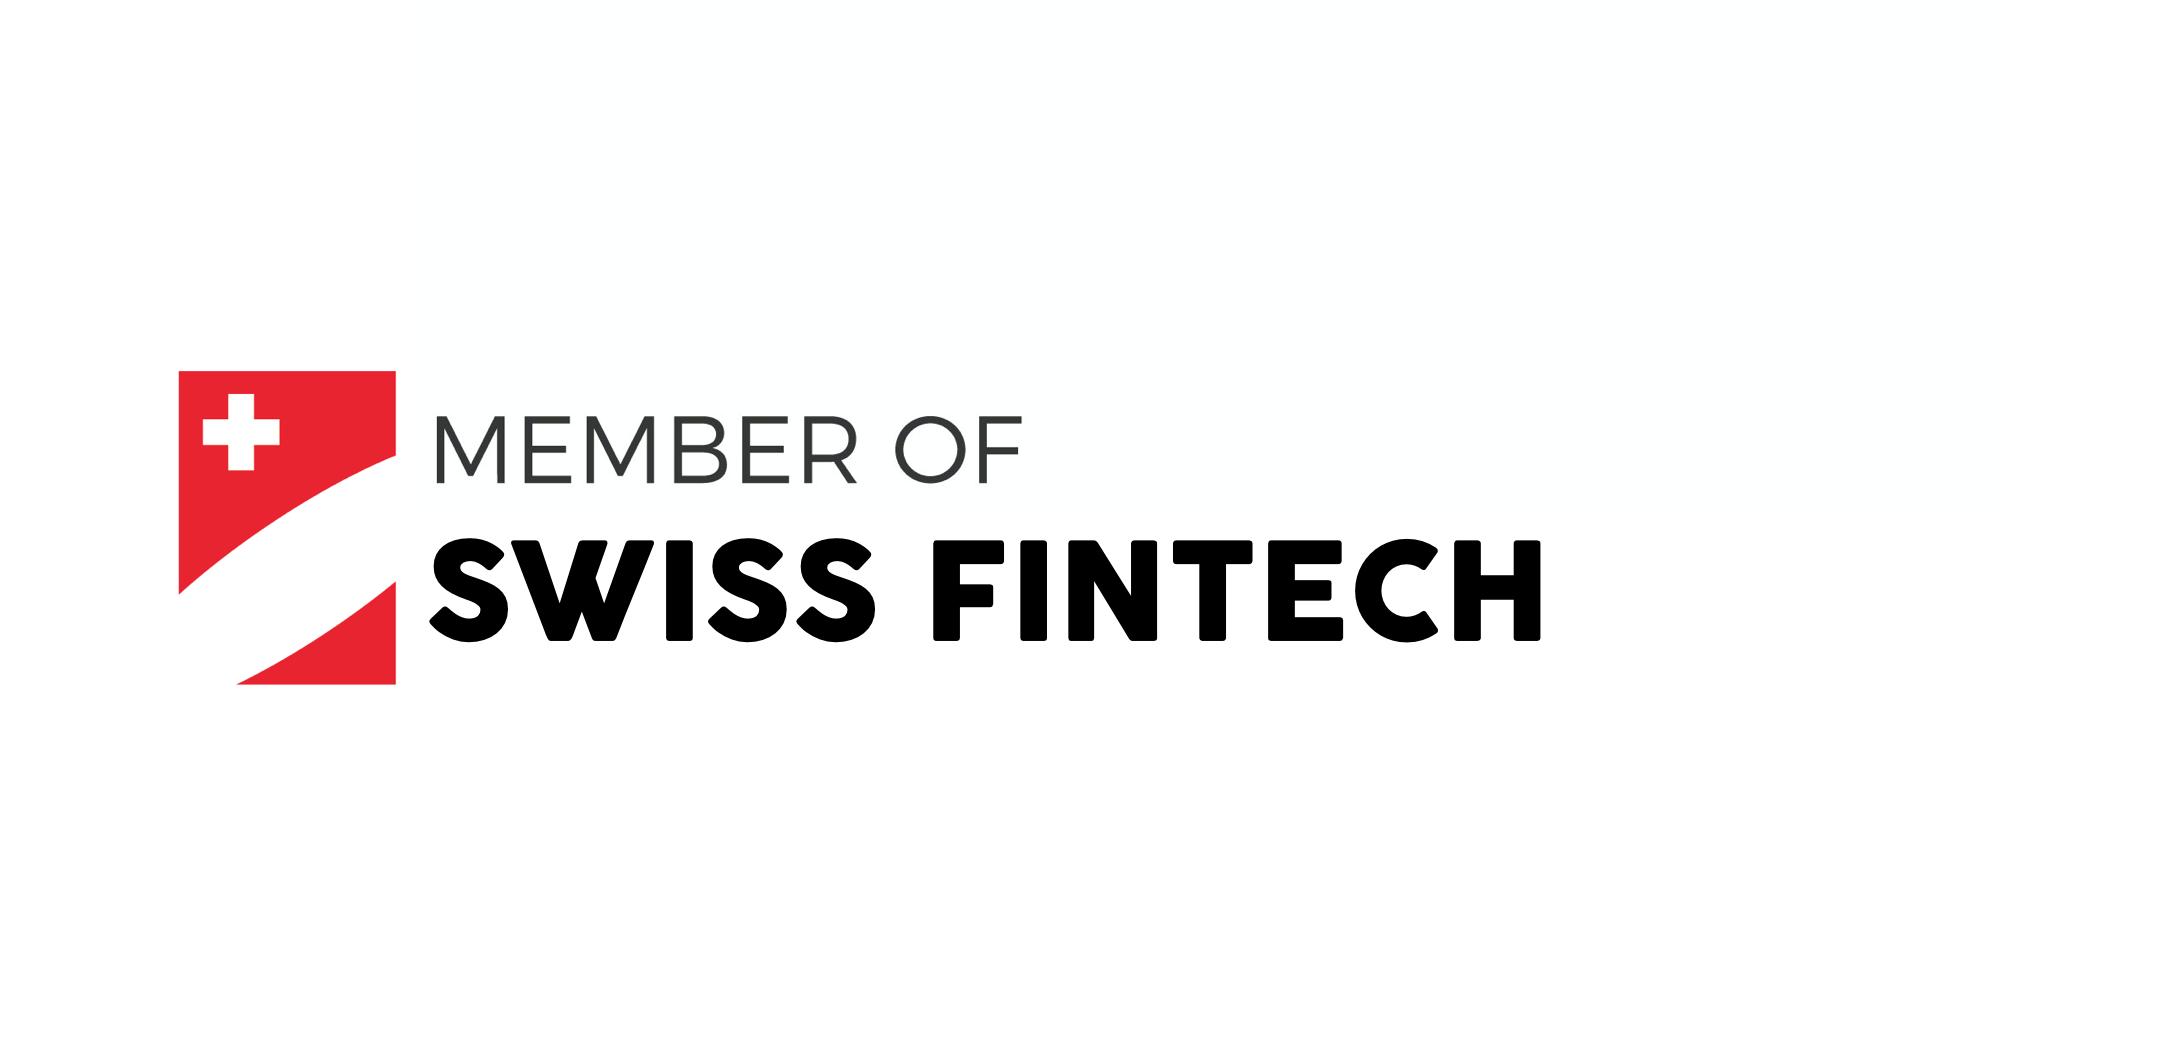 Swiss FinTech Association